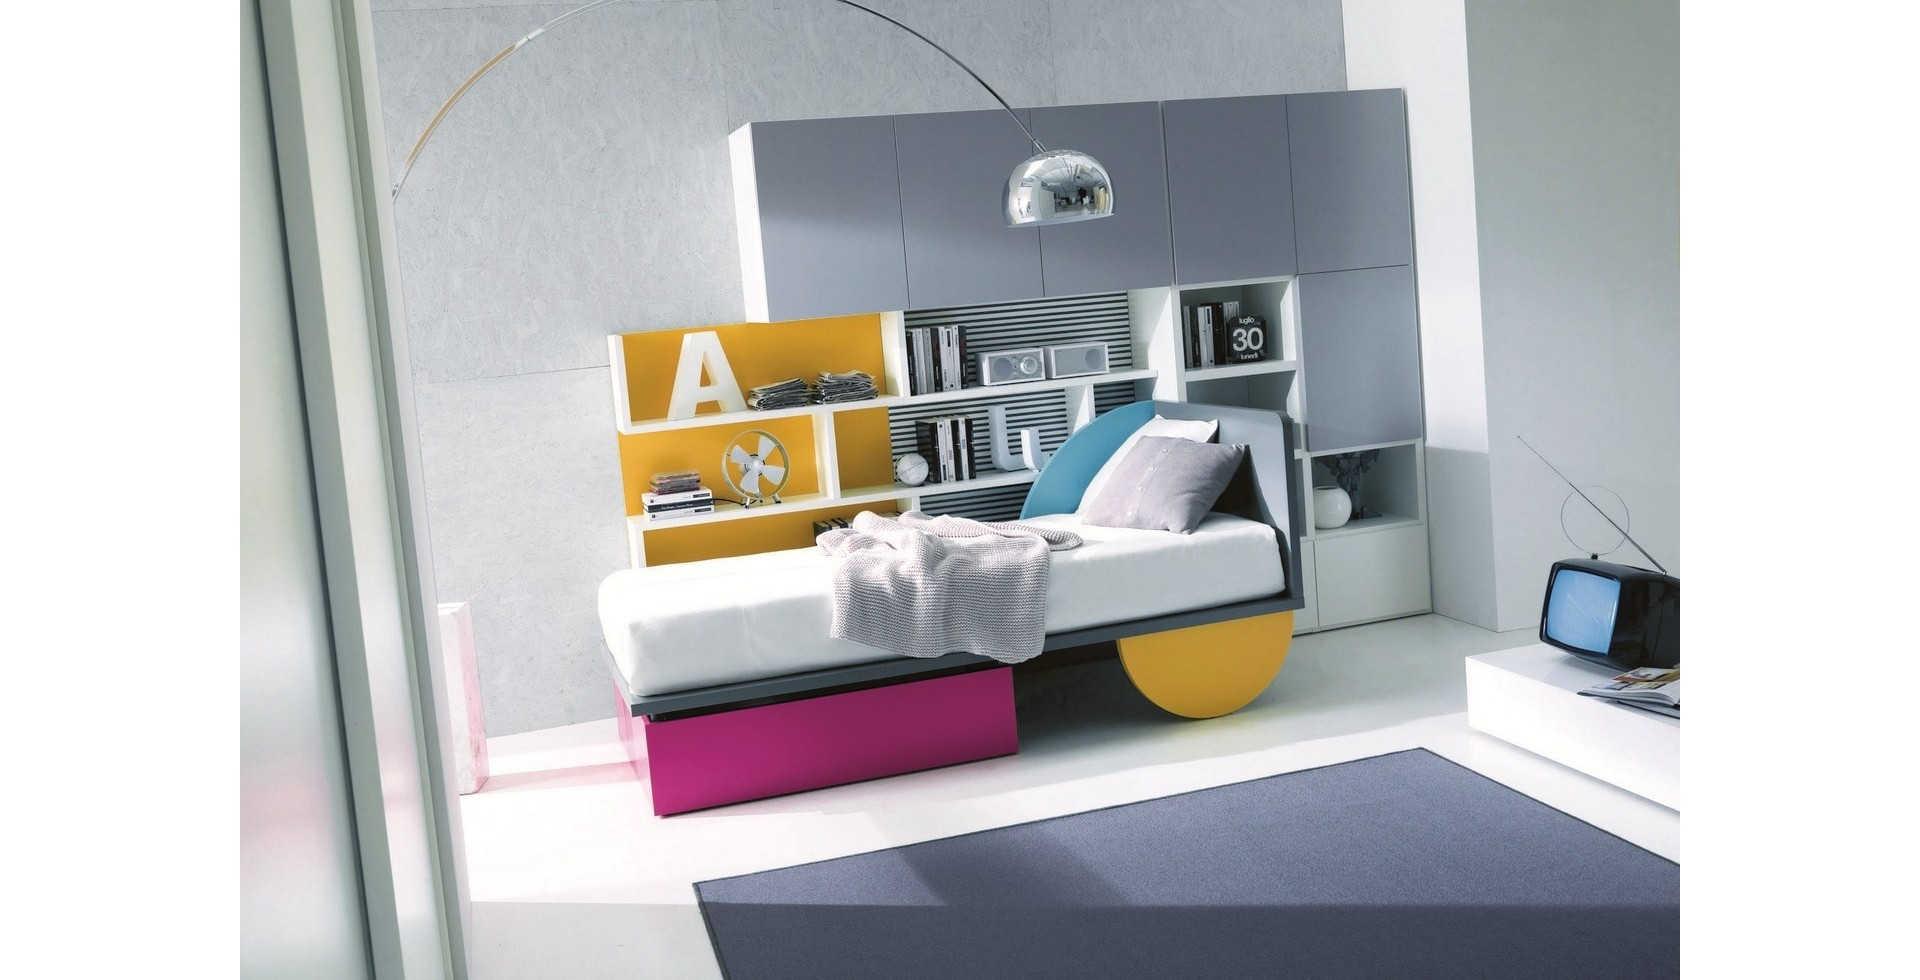 37-199_z_123Letti_Design80